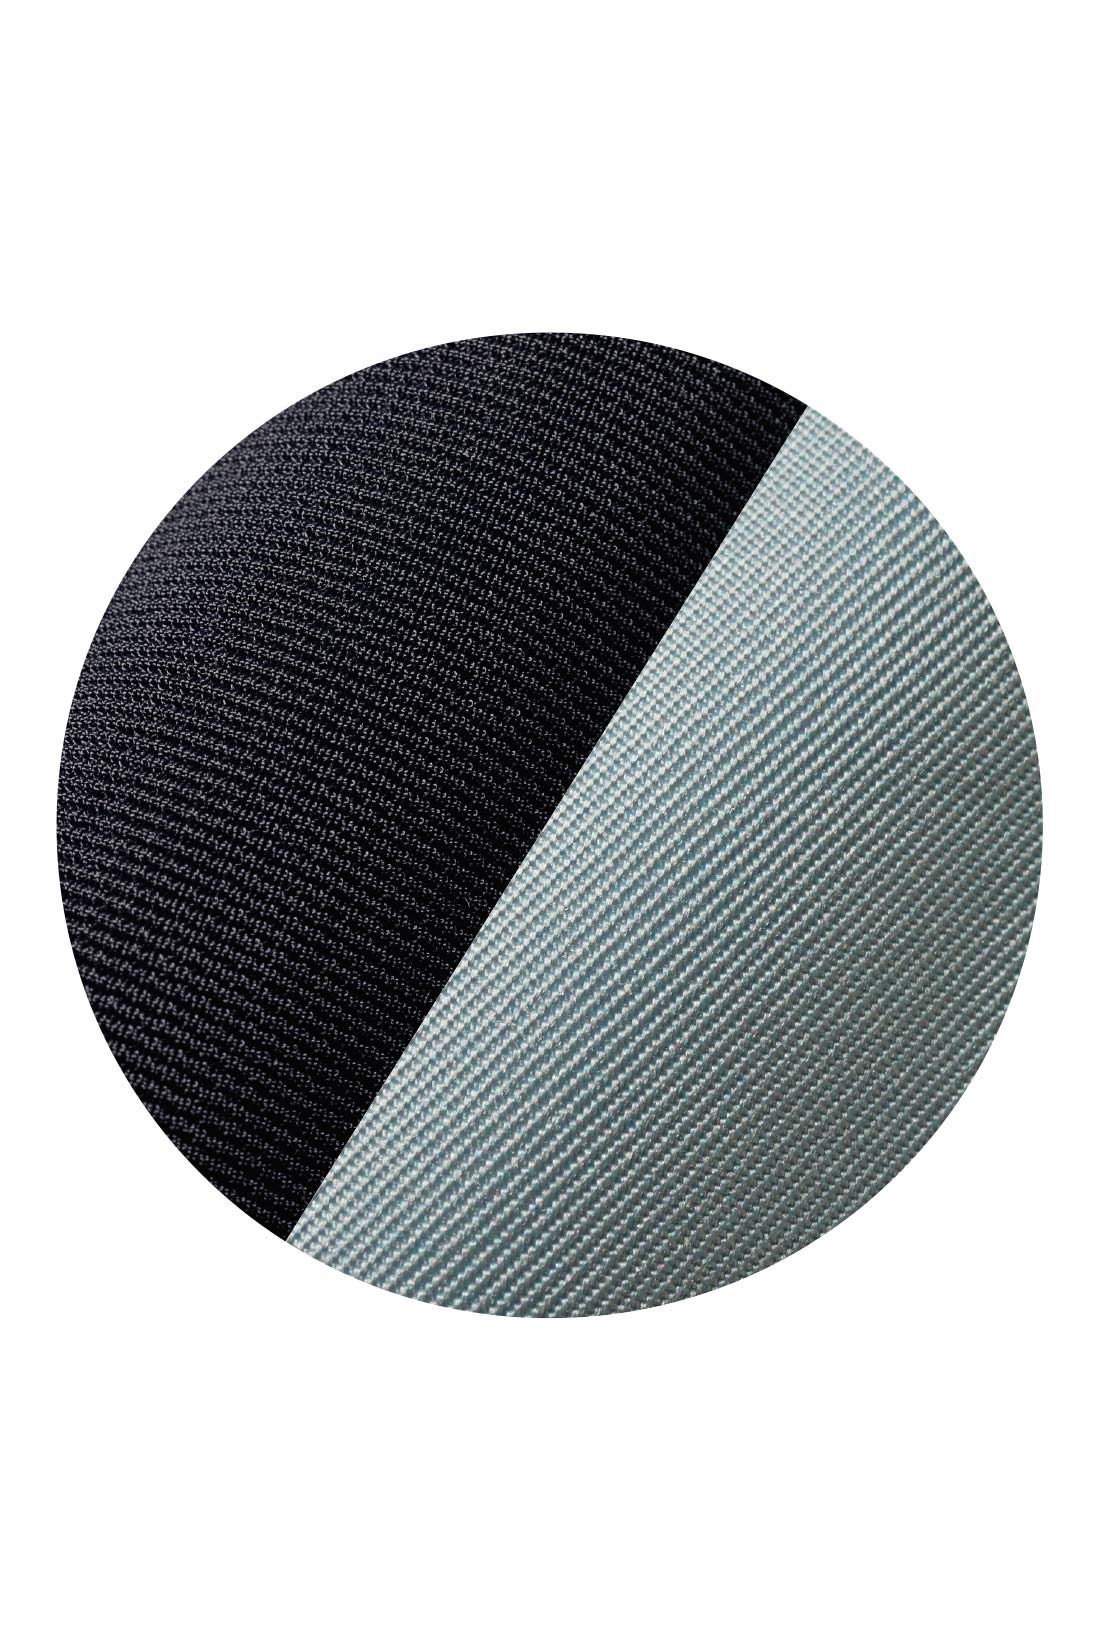 上質感のあるリップル素材のトップスに、ほどよく張りのあるツイル素材のスカート。